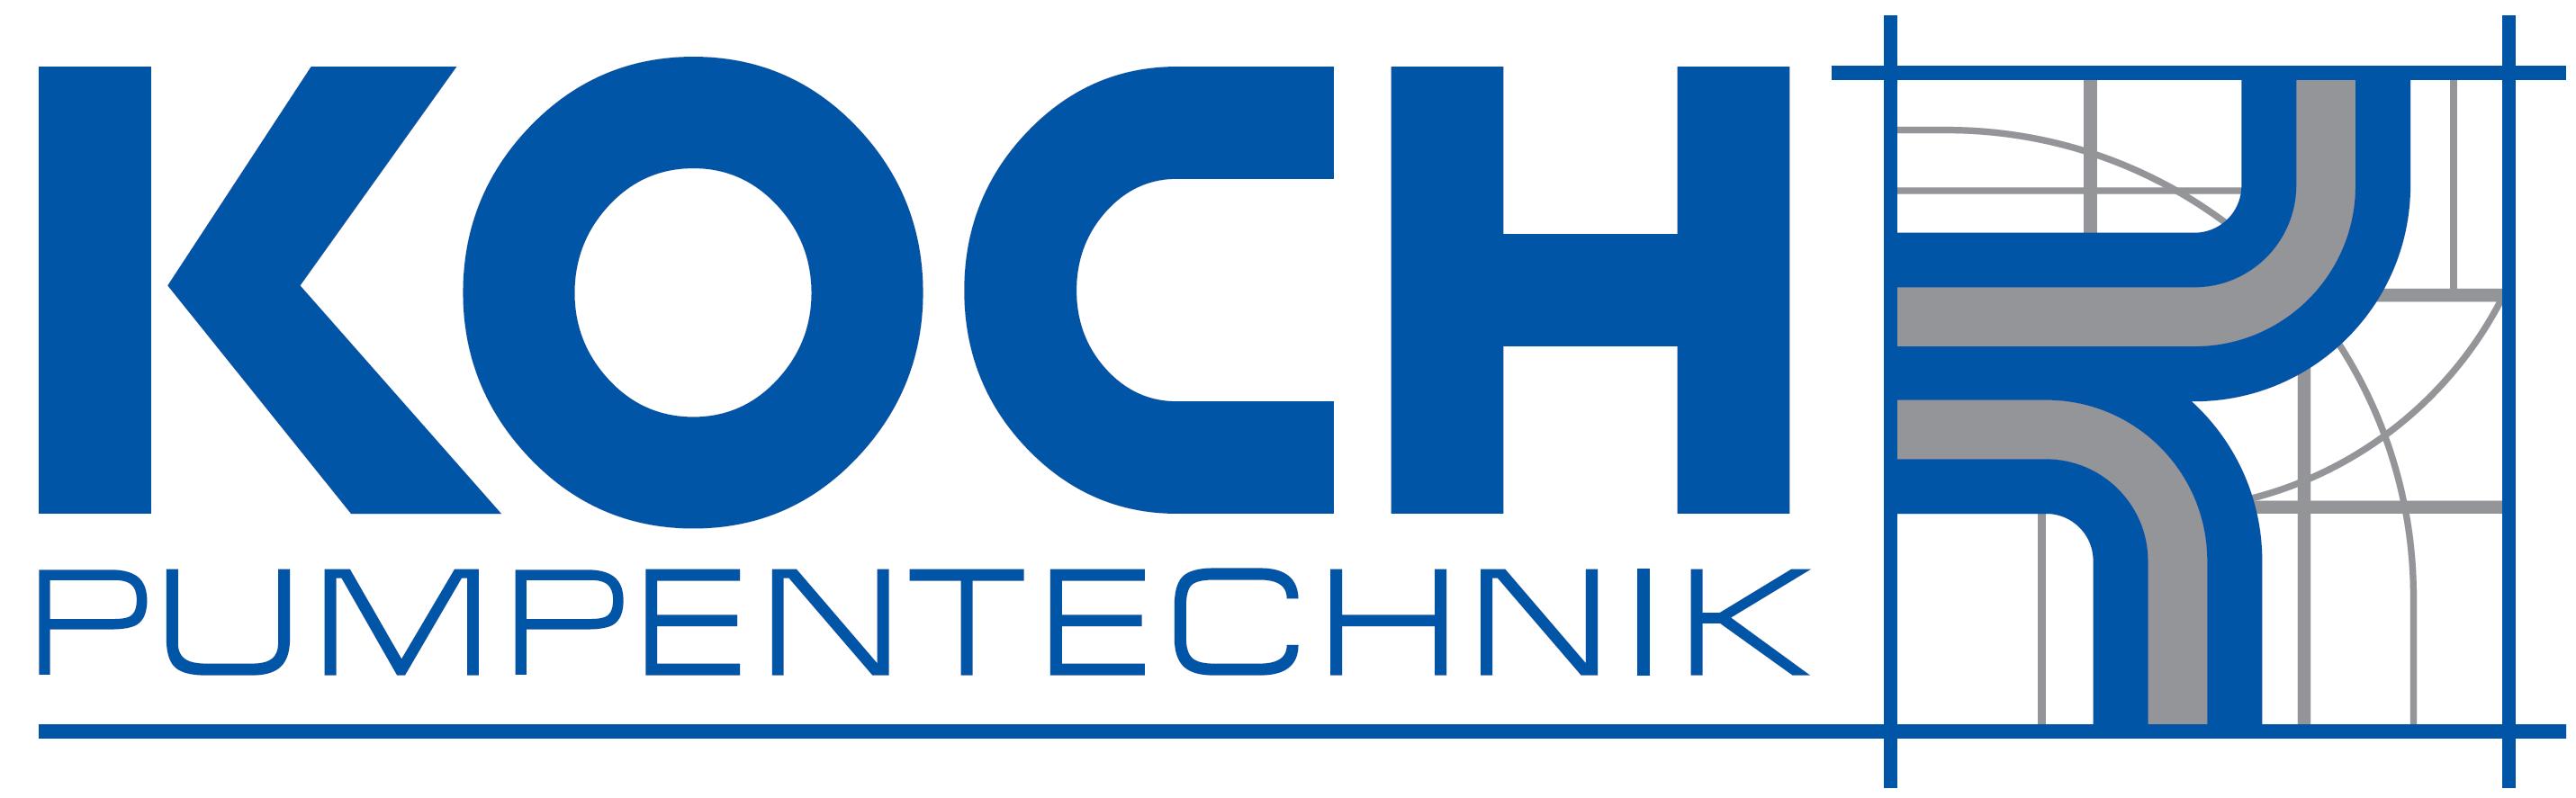 koch-pumpentechnik.de